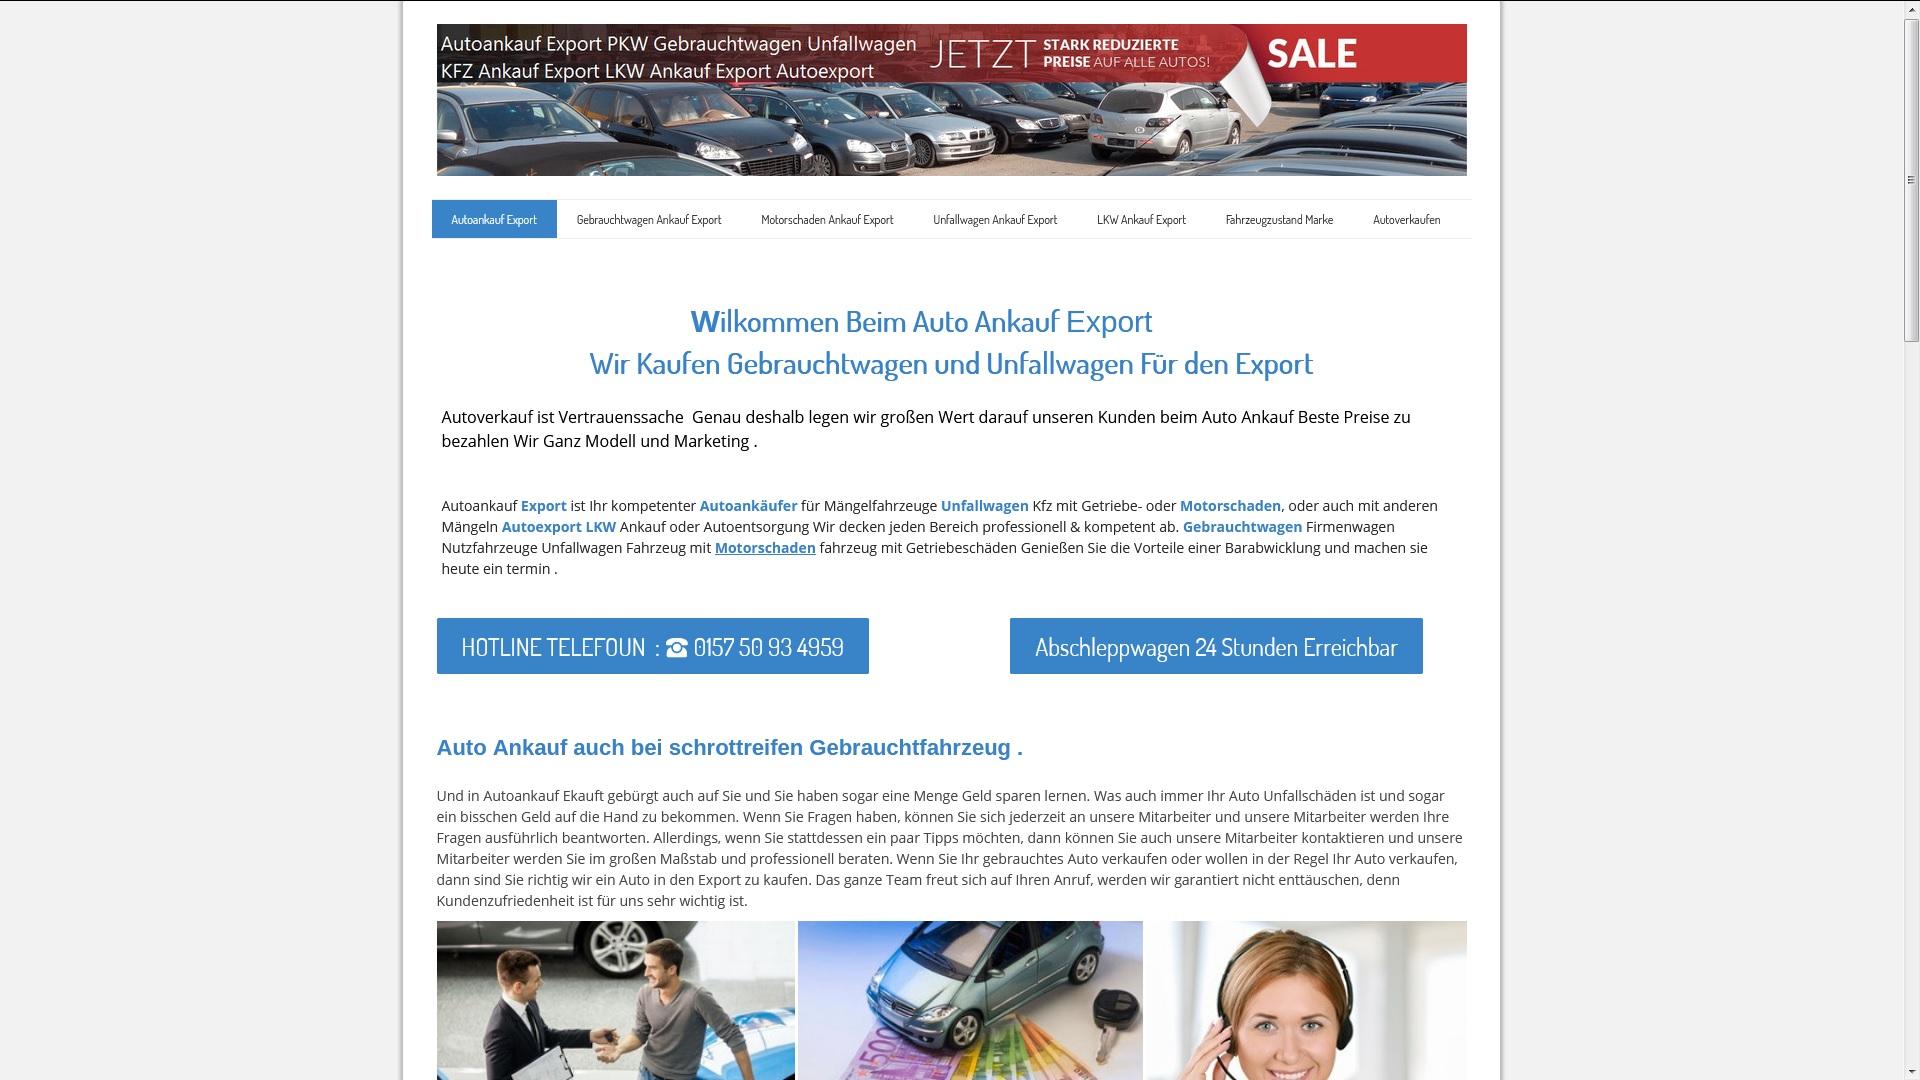 autoankauf schumacher ist fokussiert auf pkw und lkw ankauf sowie auf den ankauf von maengelfahrzeugen in landshut und umgebung - Autoankauf-Schumacher ist fokussiert auf PKW und LKW-Ankauf sowie auf den Ankauf von Mängelfahrzeugen in Landshut und Umgebung